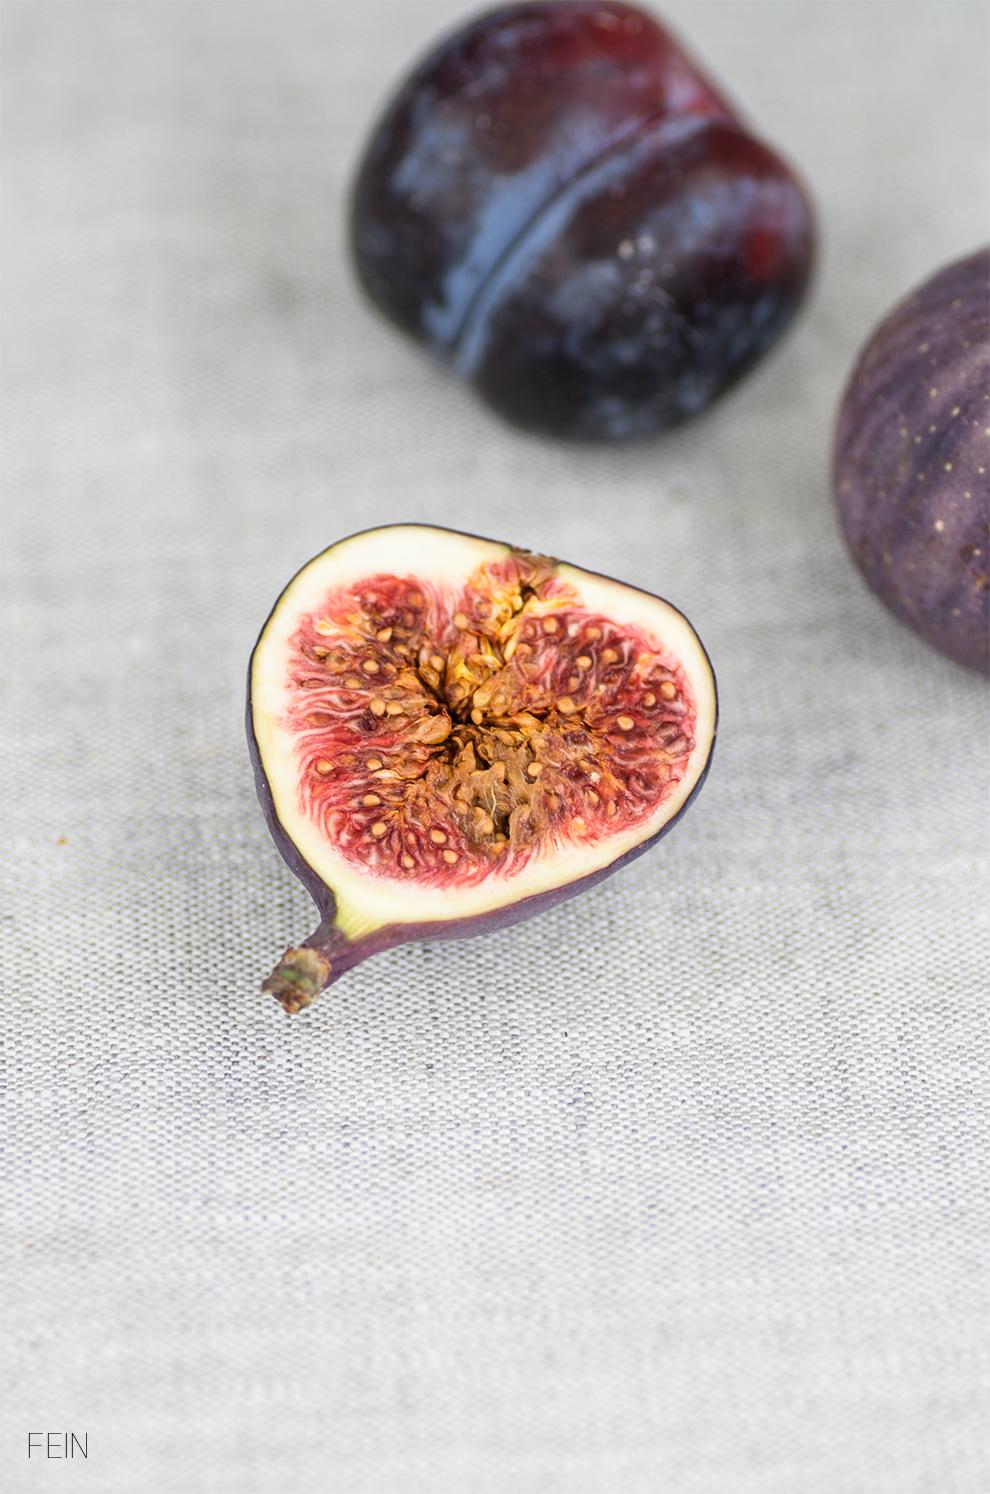 feige-food-frucht